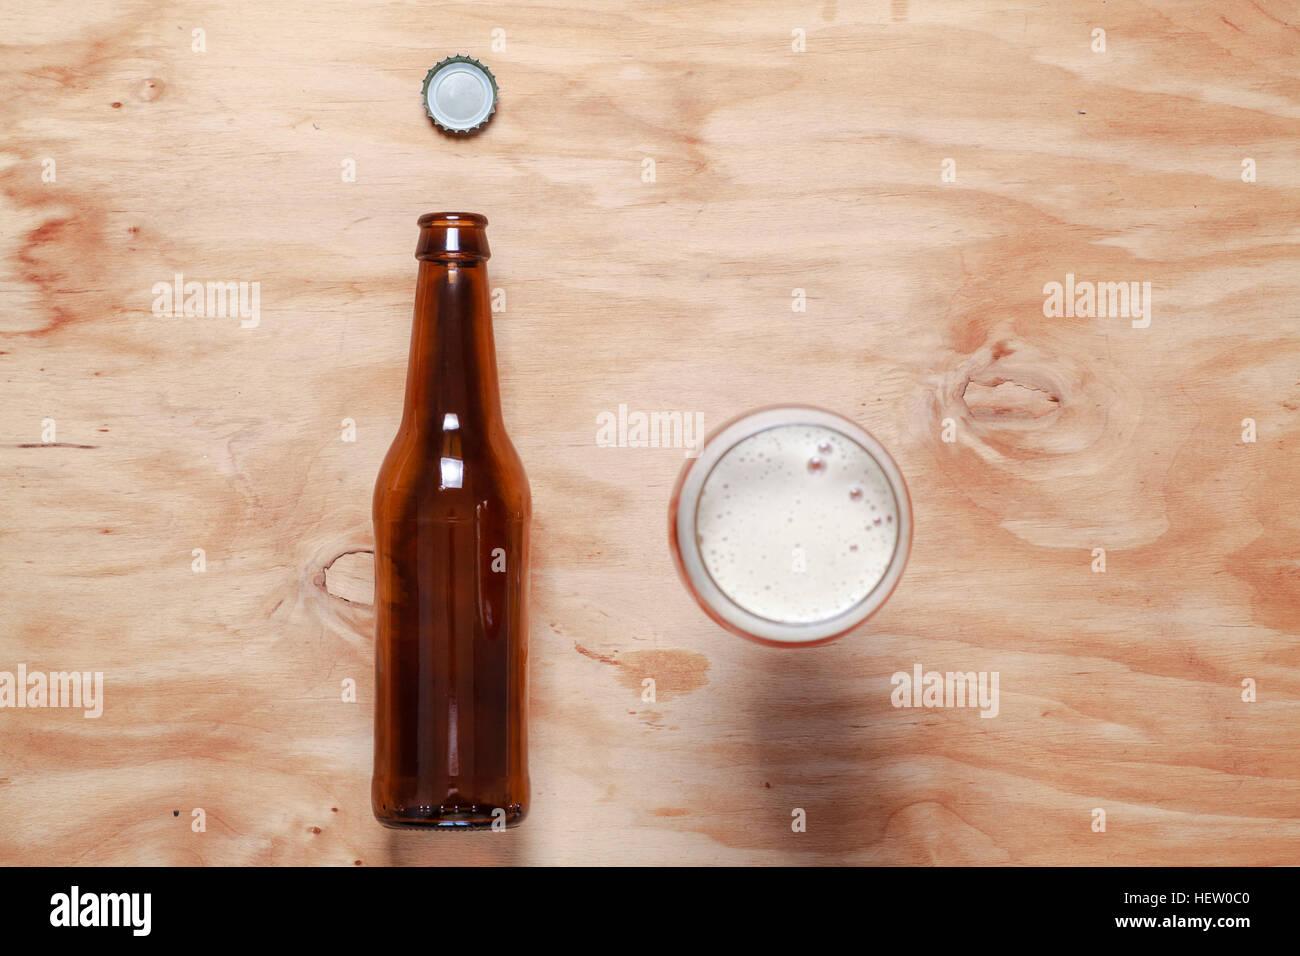 Glas voller bernsteinfarbene Bier und eine Bierflasche auf einer strukturierten Holzoberfläche Stockbild